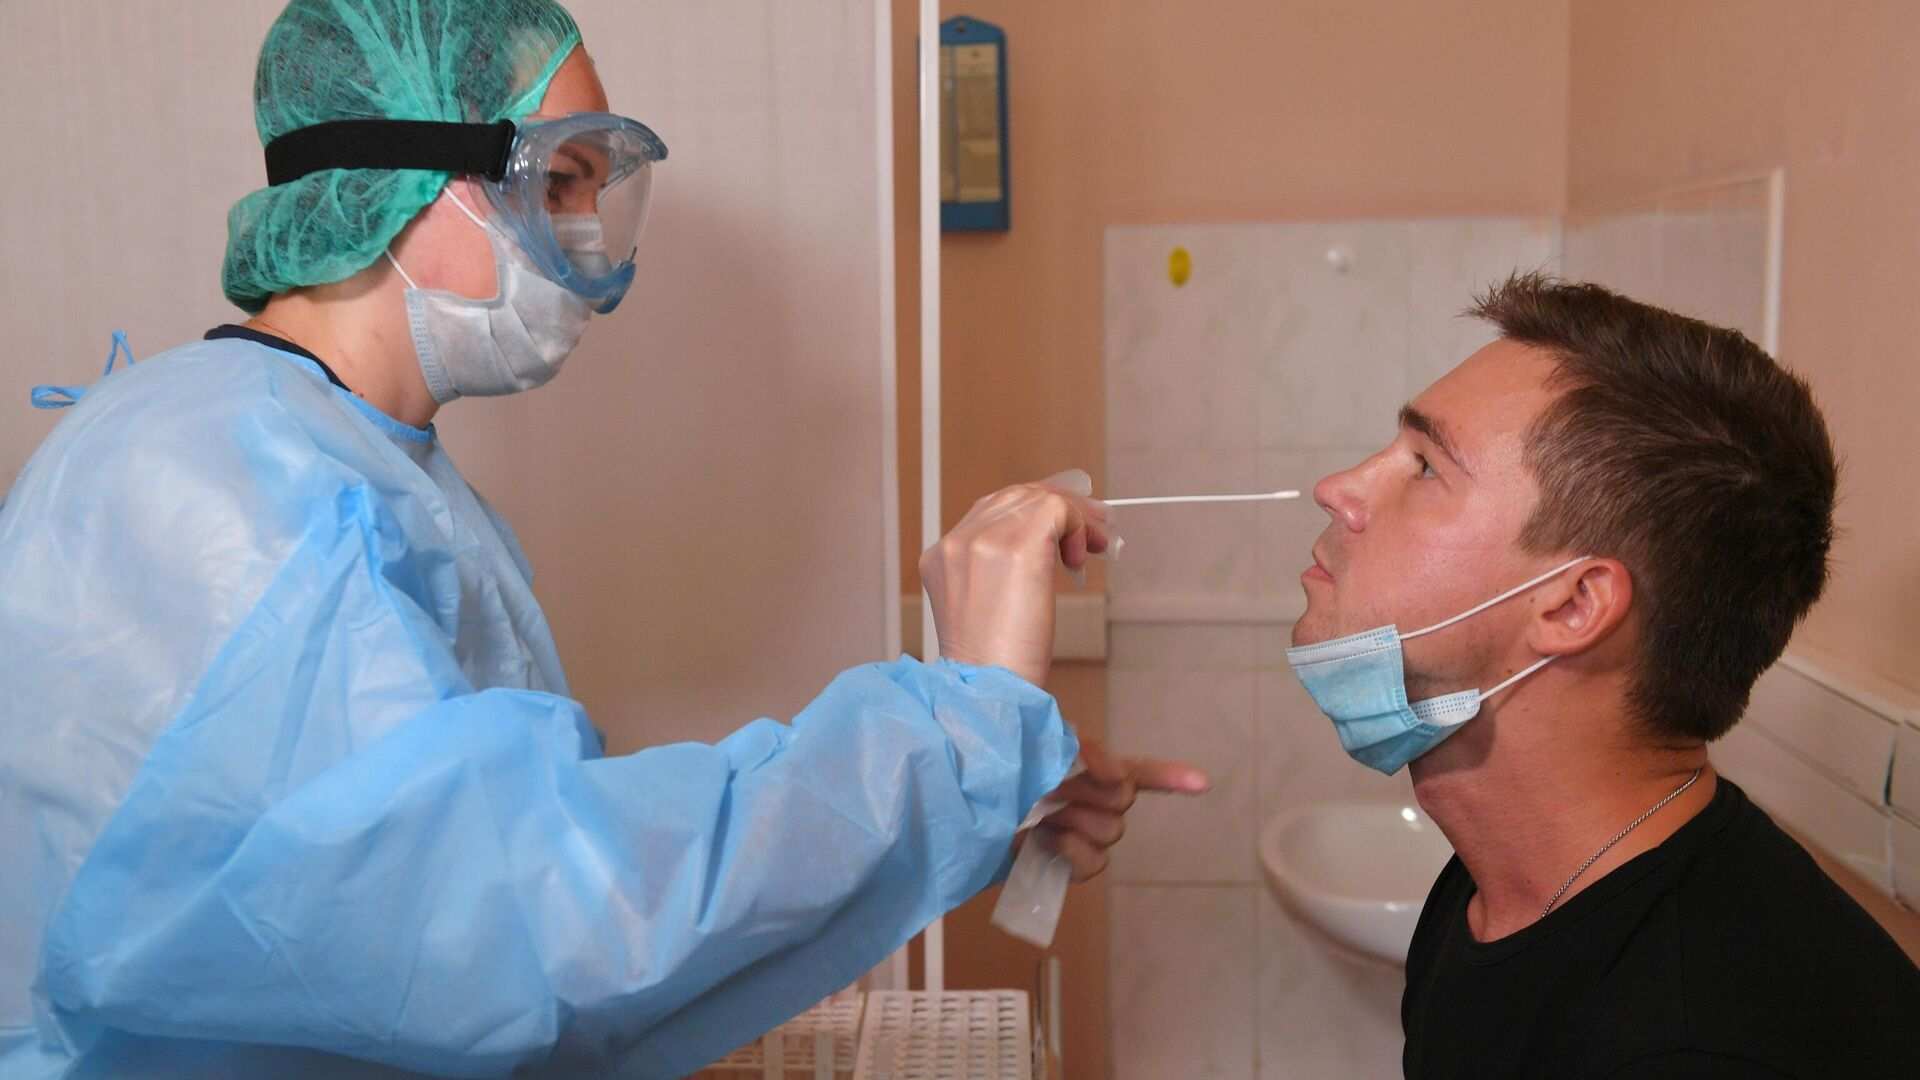 Пациент во время взятия мазка на коронавирус COVID-19 в городской поликлинике №109 ДЗМ в Москве - РИА Новости, 1920, 06.12.2020